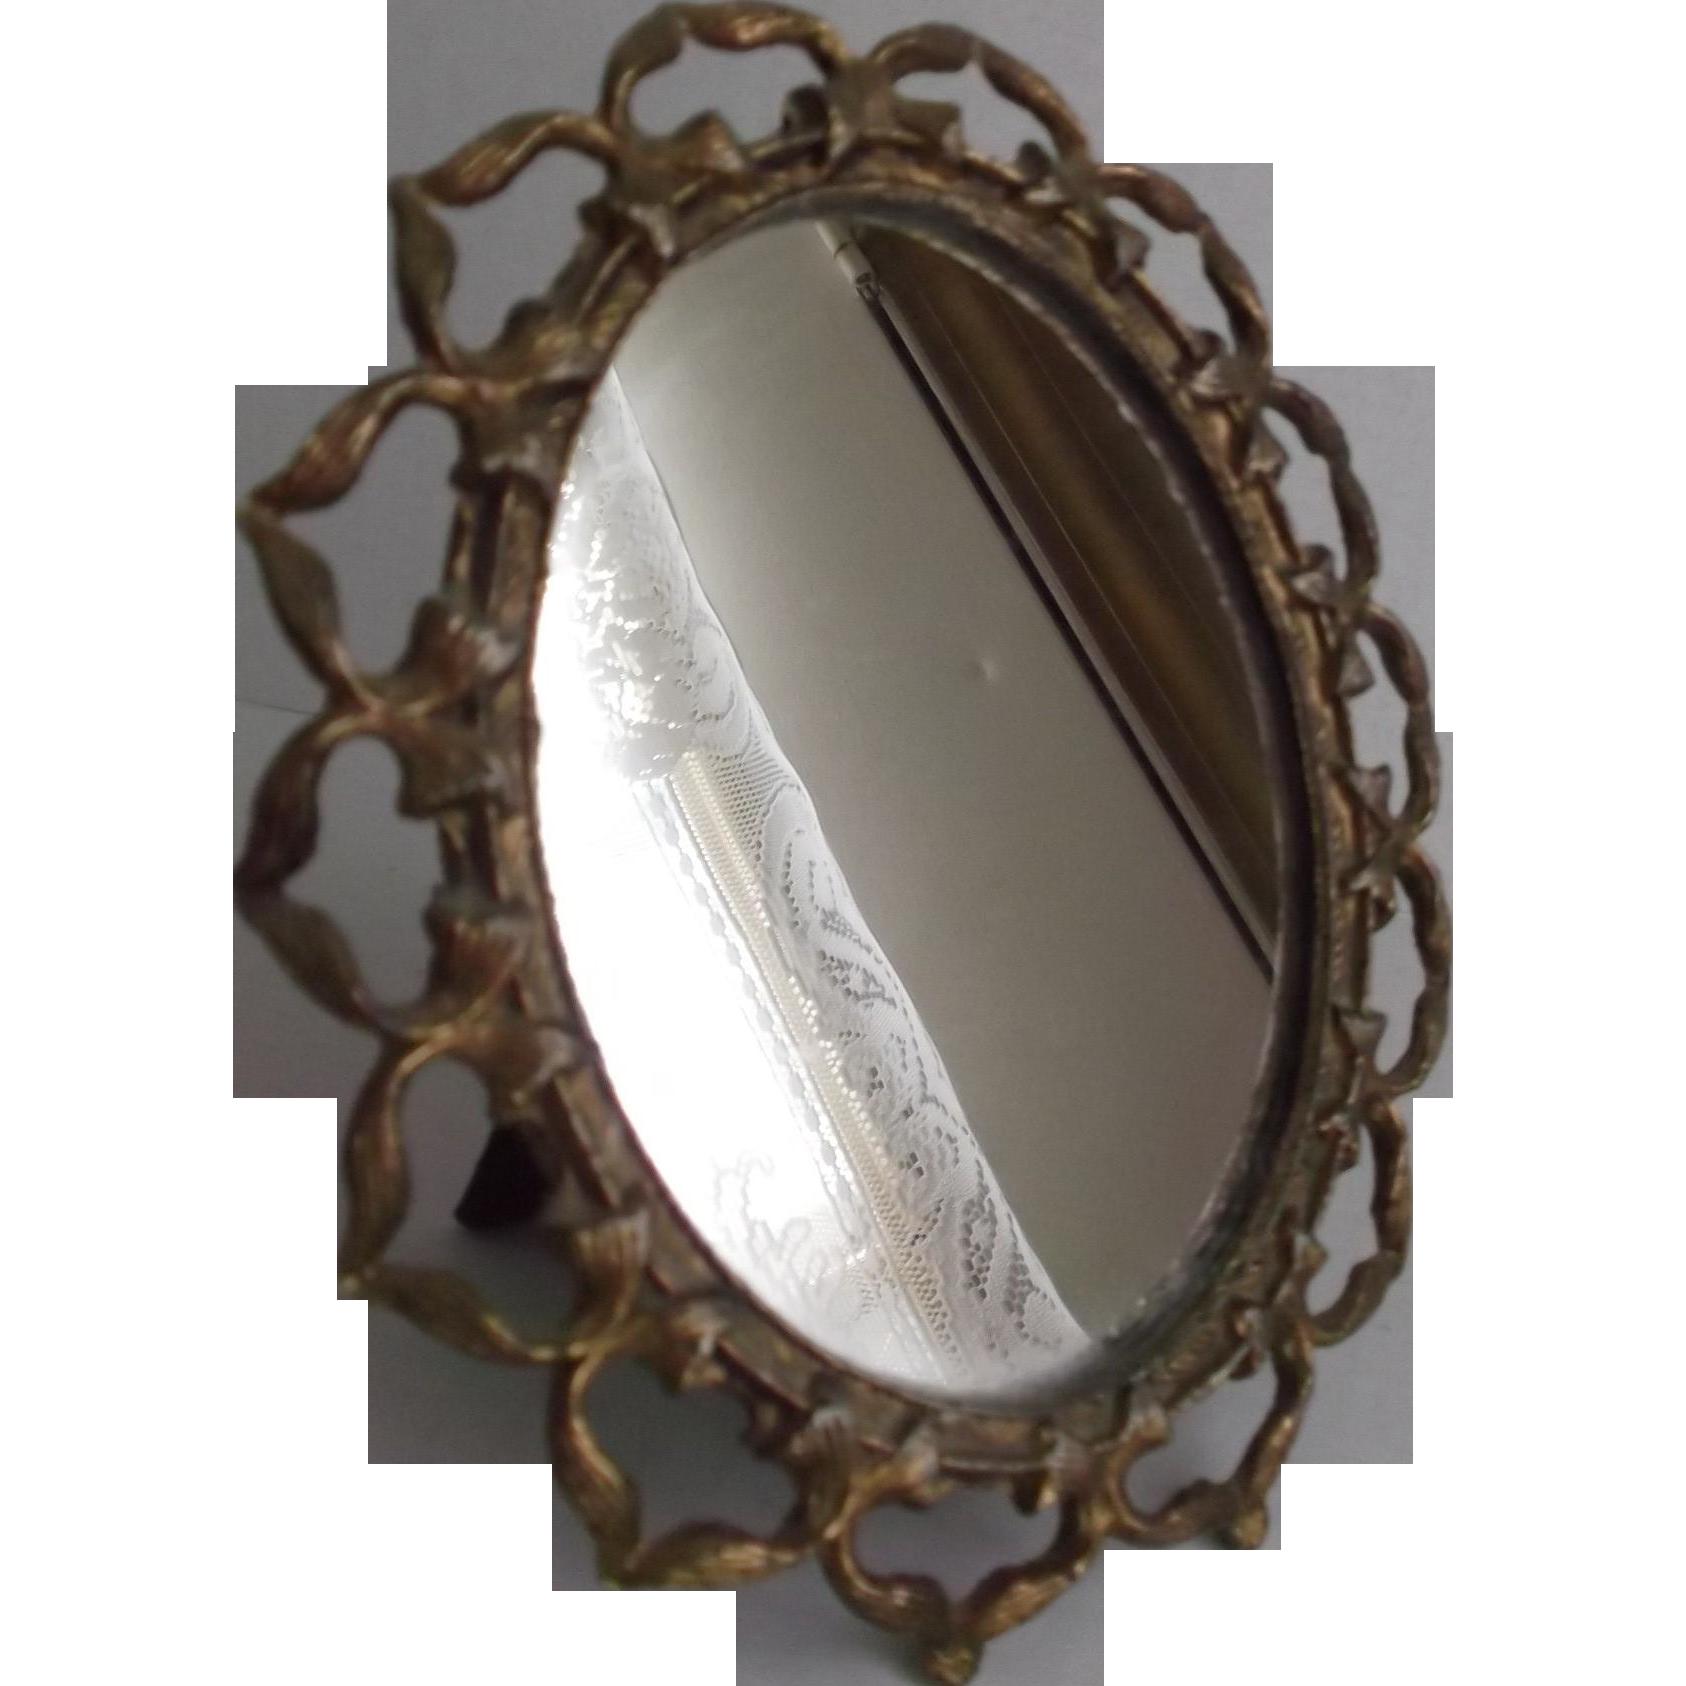 old mirror metal ribbon framed oval vintage vanity dresser table old mirror metal ribbon framed oval vintage vanity dresser table decorative